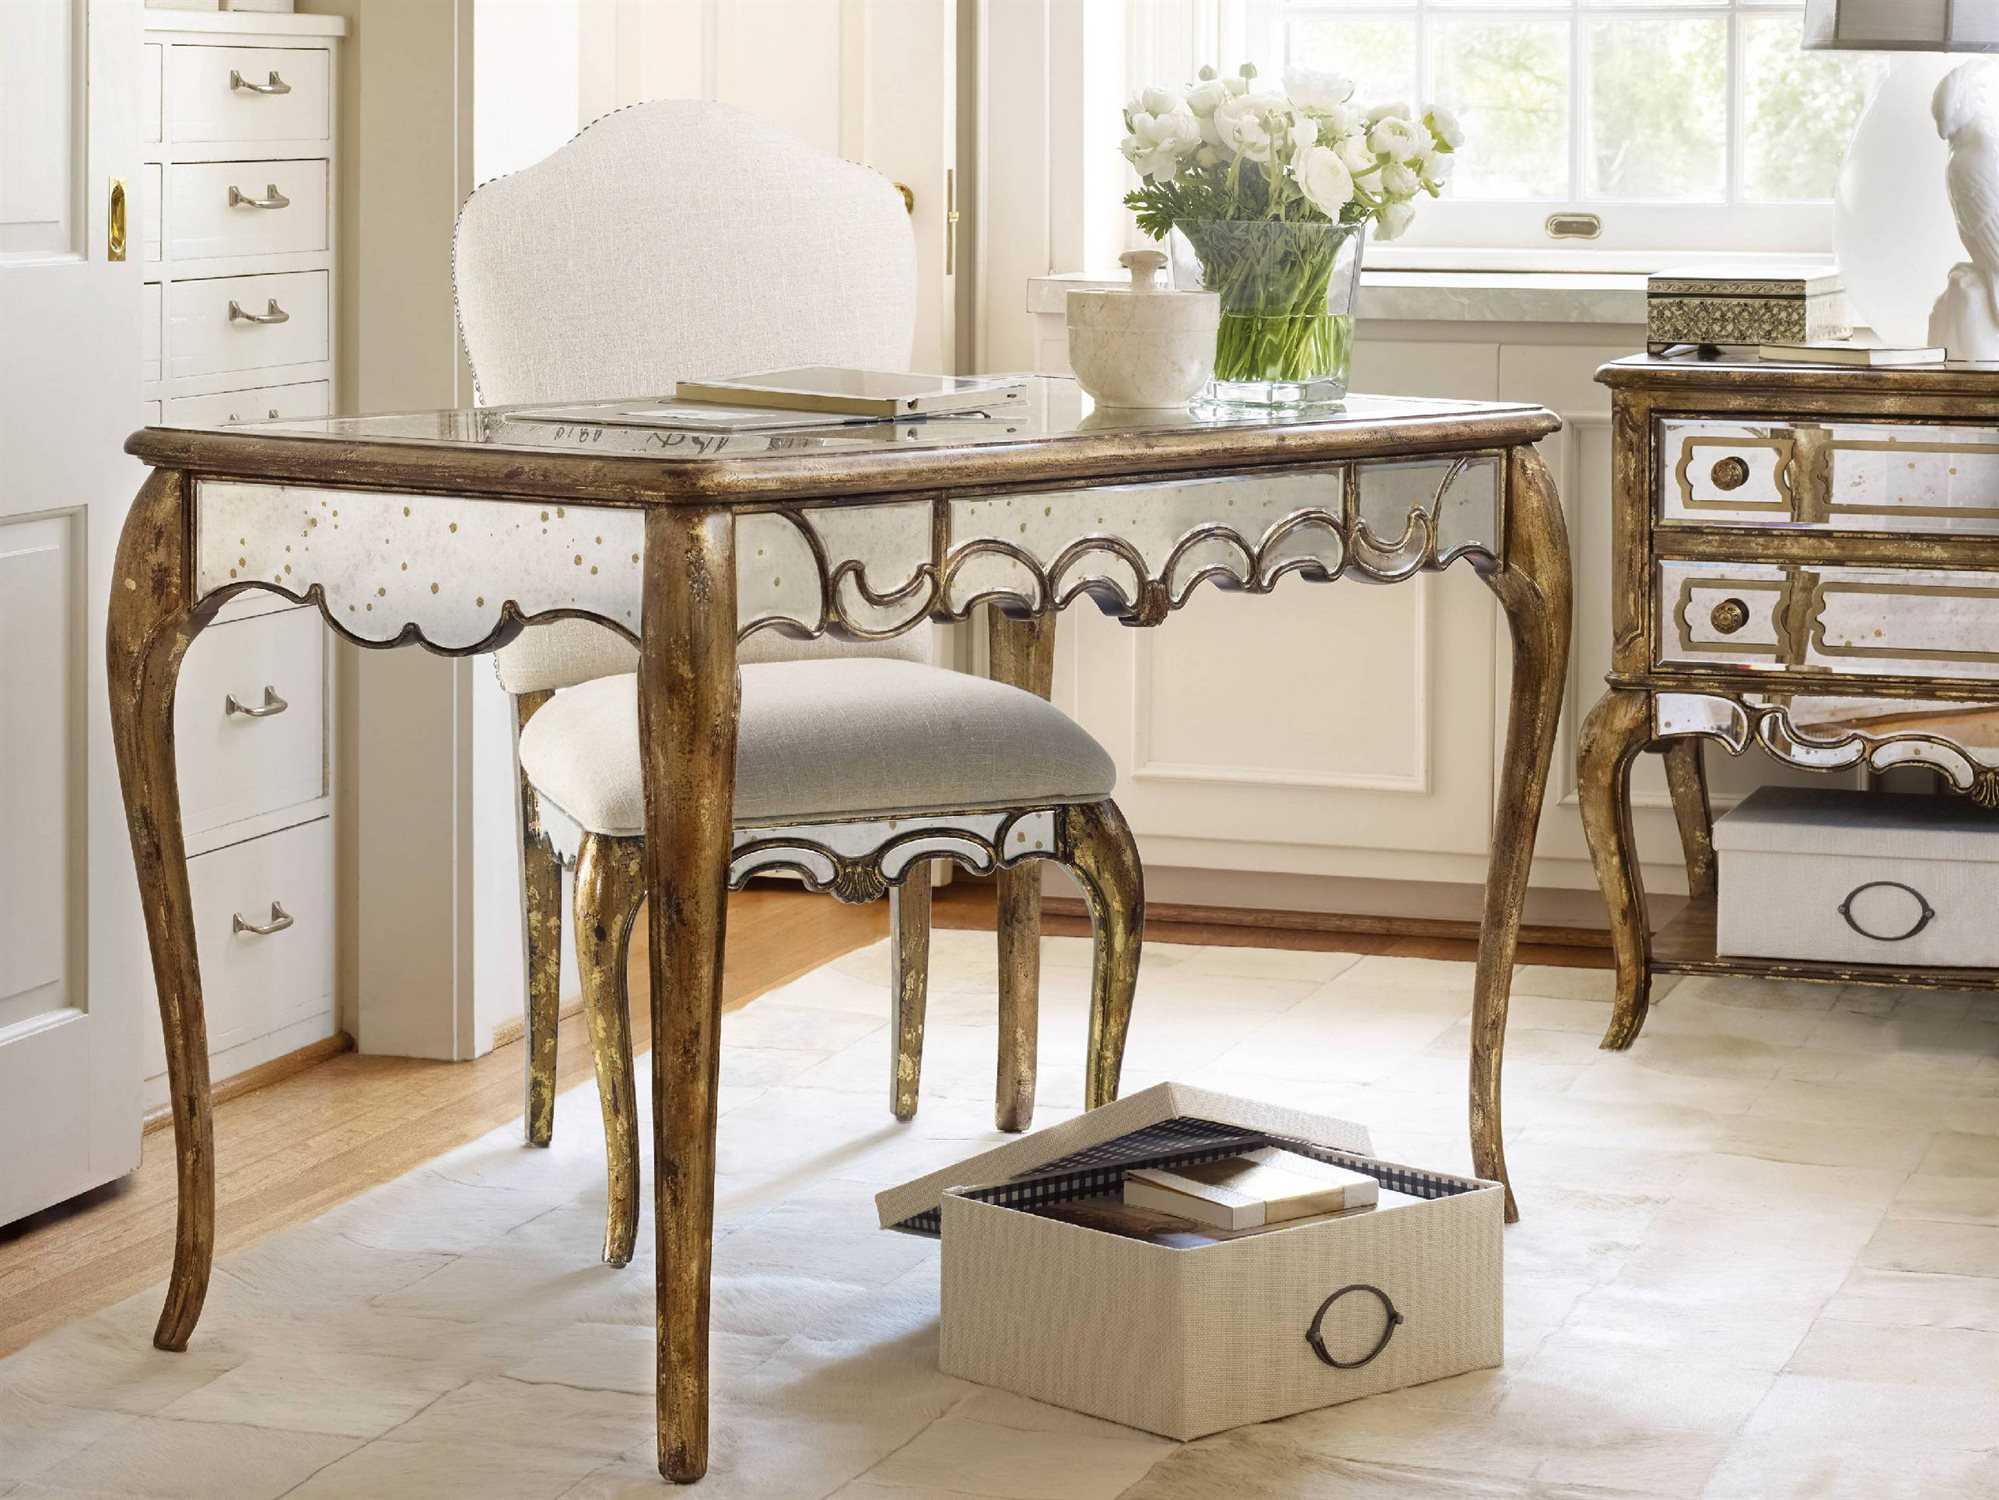 Hooker furniture home office set hoo519910482set - Hooker home office furniture ...